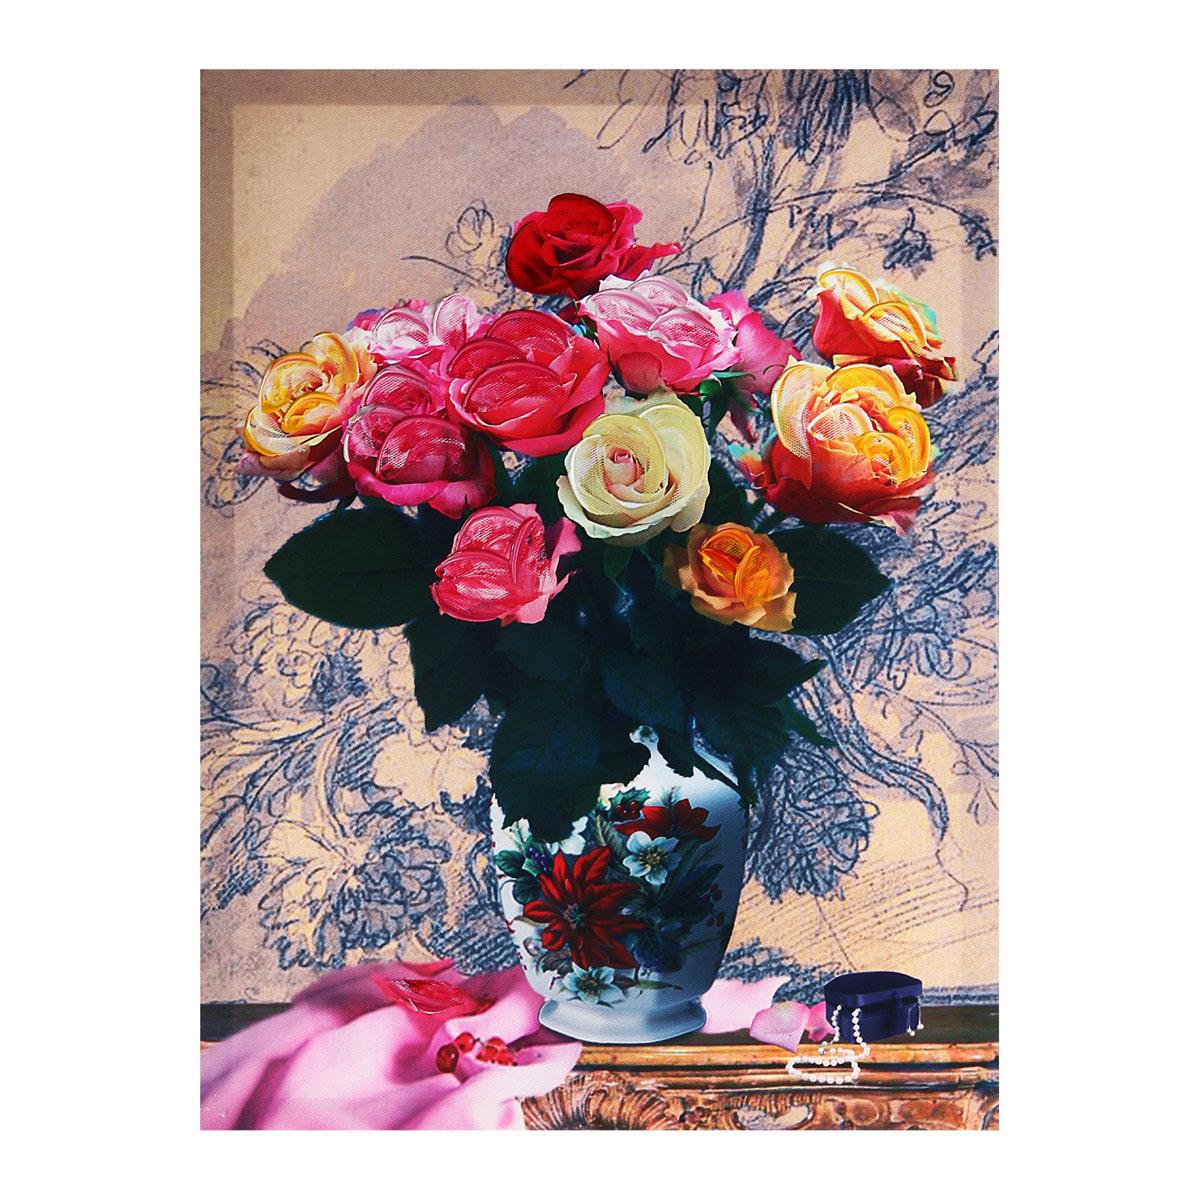 Картина на холсте Sima-land Розы в вазе, 30 х 40 см296642Картина Sima-land Розы в вазе написана на холсте. На картине изображен букет роз в вазе. Особое объемное изображение придает картине акрил, который нанесен поверх изображения. Картина на холсте акрилом - это классика современного живописного искусства . Картины акрилом всегда сохраняют яркий блеск, что придает картине живость. С обратной стороны имеется металлическая петелька для размещения картины на стене. Из мелочей складывается стиль интерьера. Картина на холсте Sima-land Розы в вазе одна из тех деталей, которые придают дому обжитой вид и создают ощущение уюта.